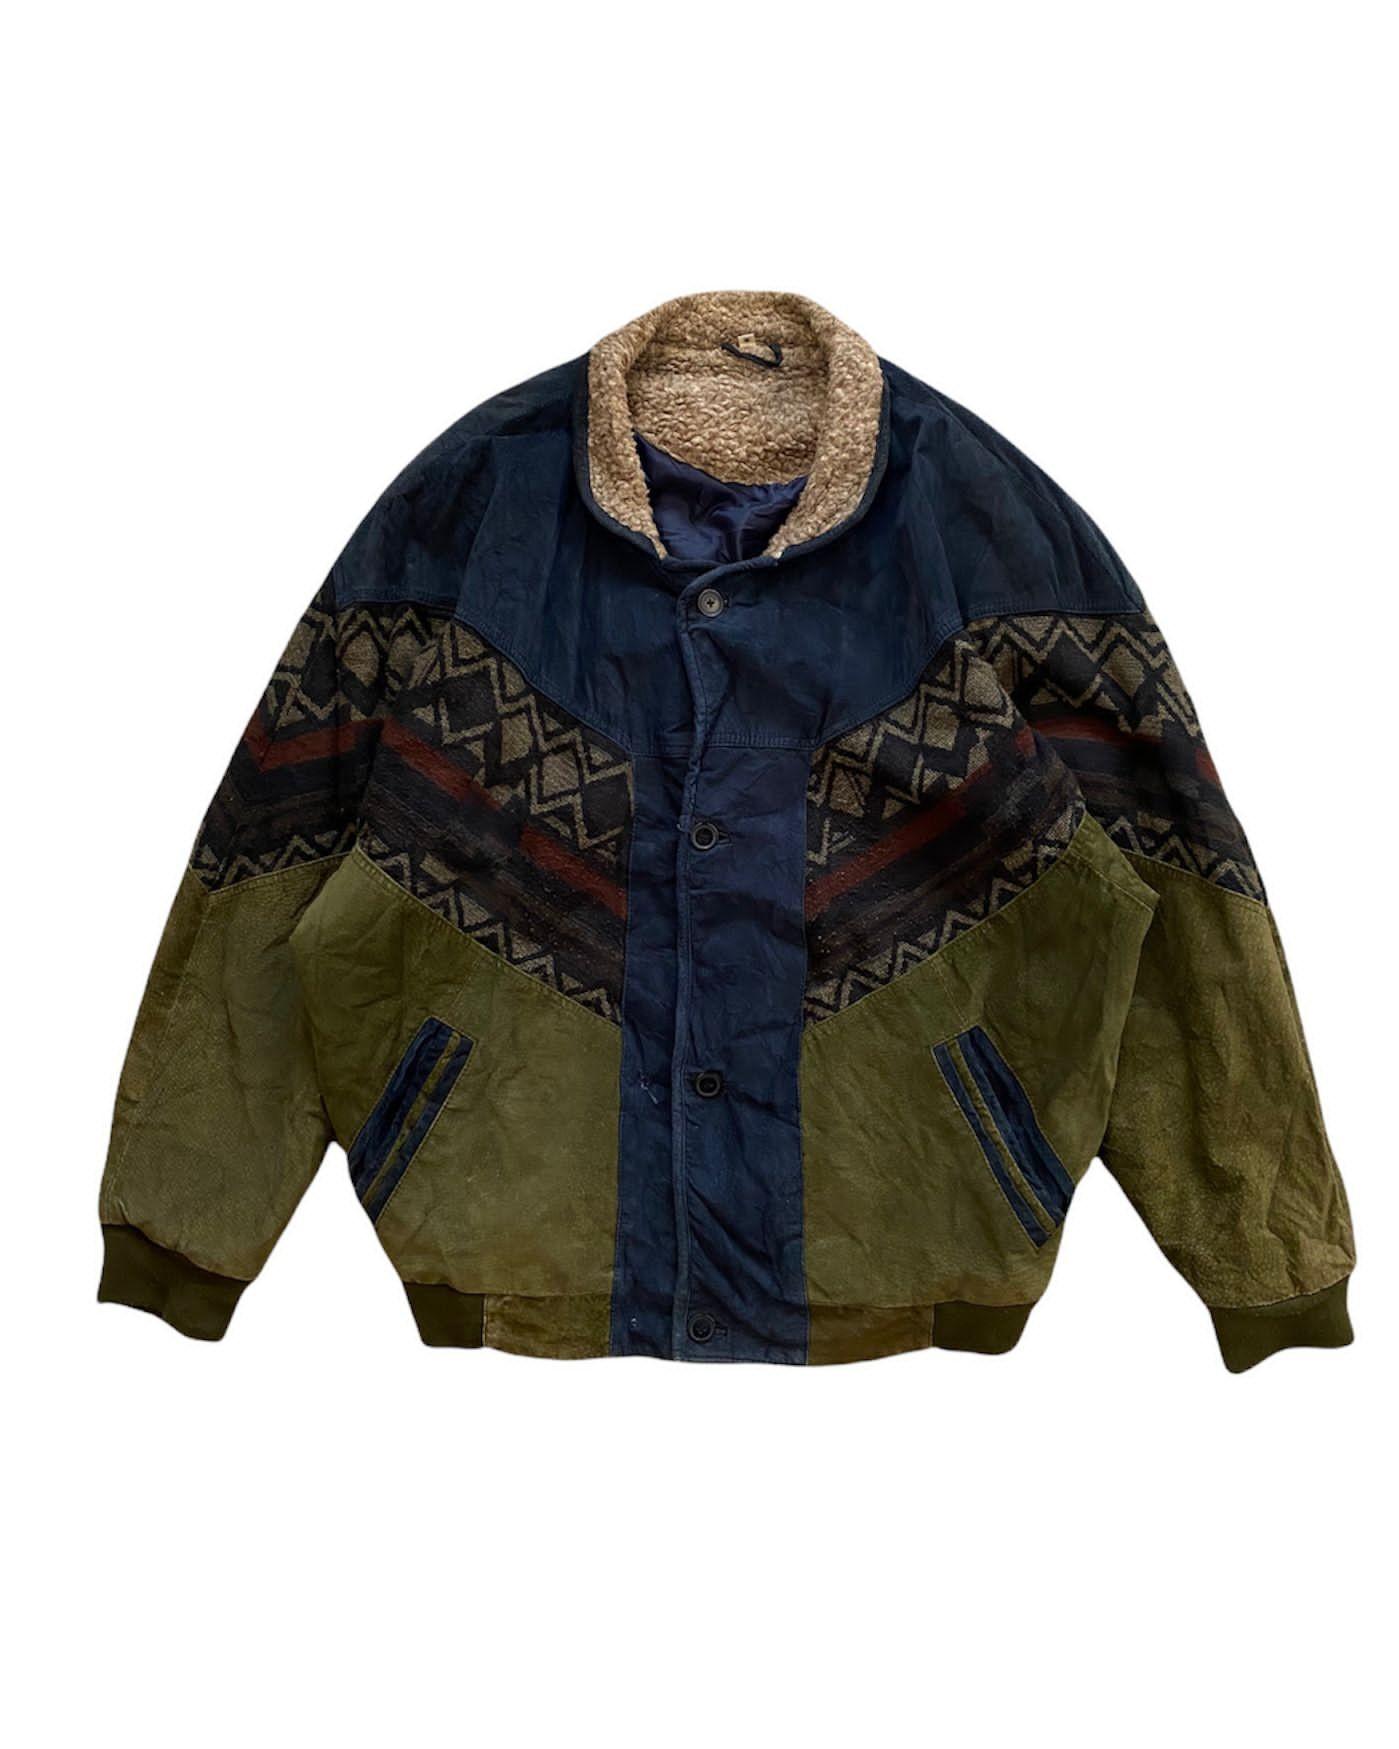 90's Vintage Orijinal Yeşil Aztek Mont (XL)